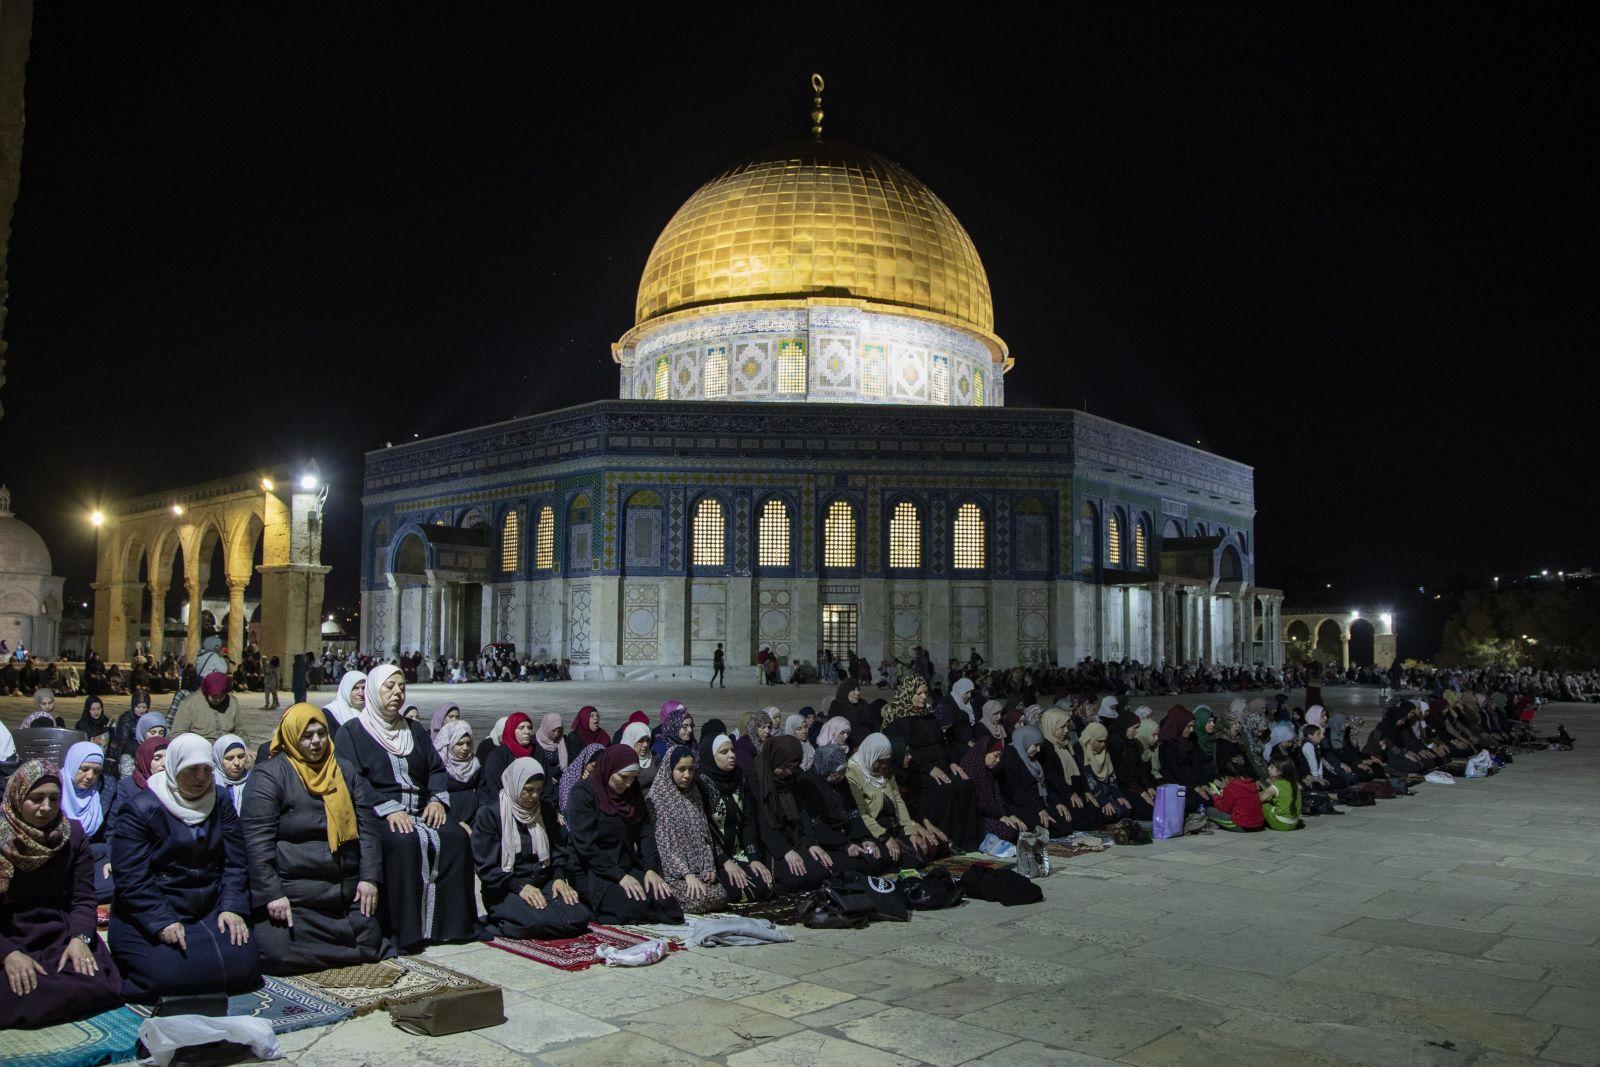 نگاهی به اولین روز ماه مبارک رمضان در سراسر جهان